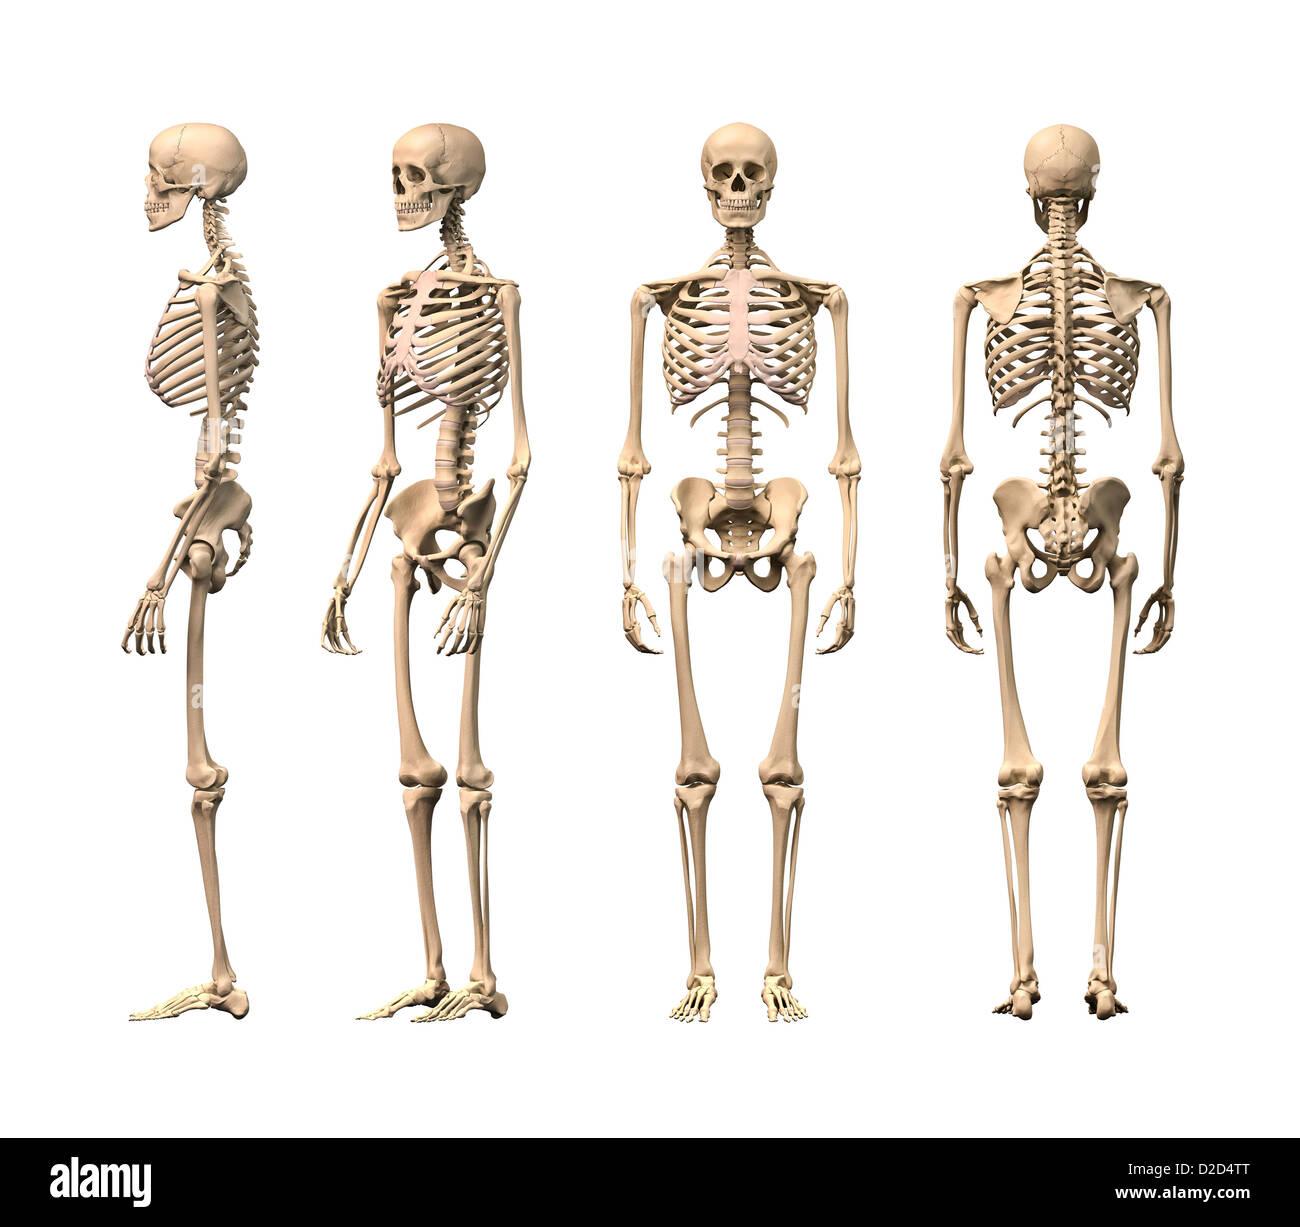 Menschliches Skelett Computer Grafik Stockfoto